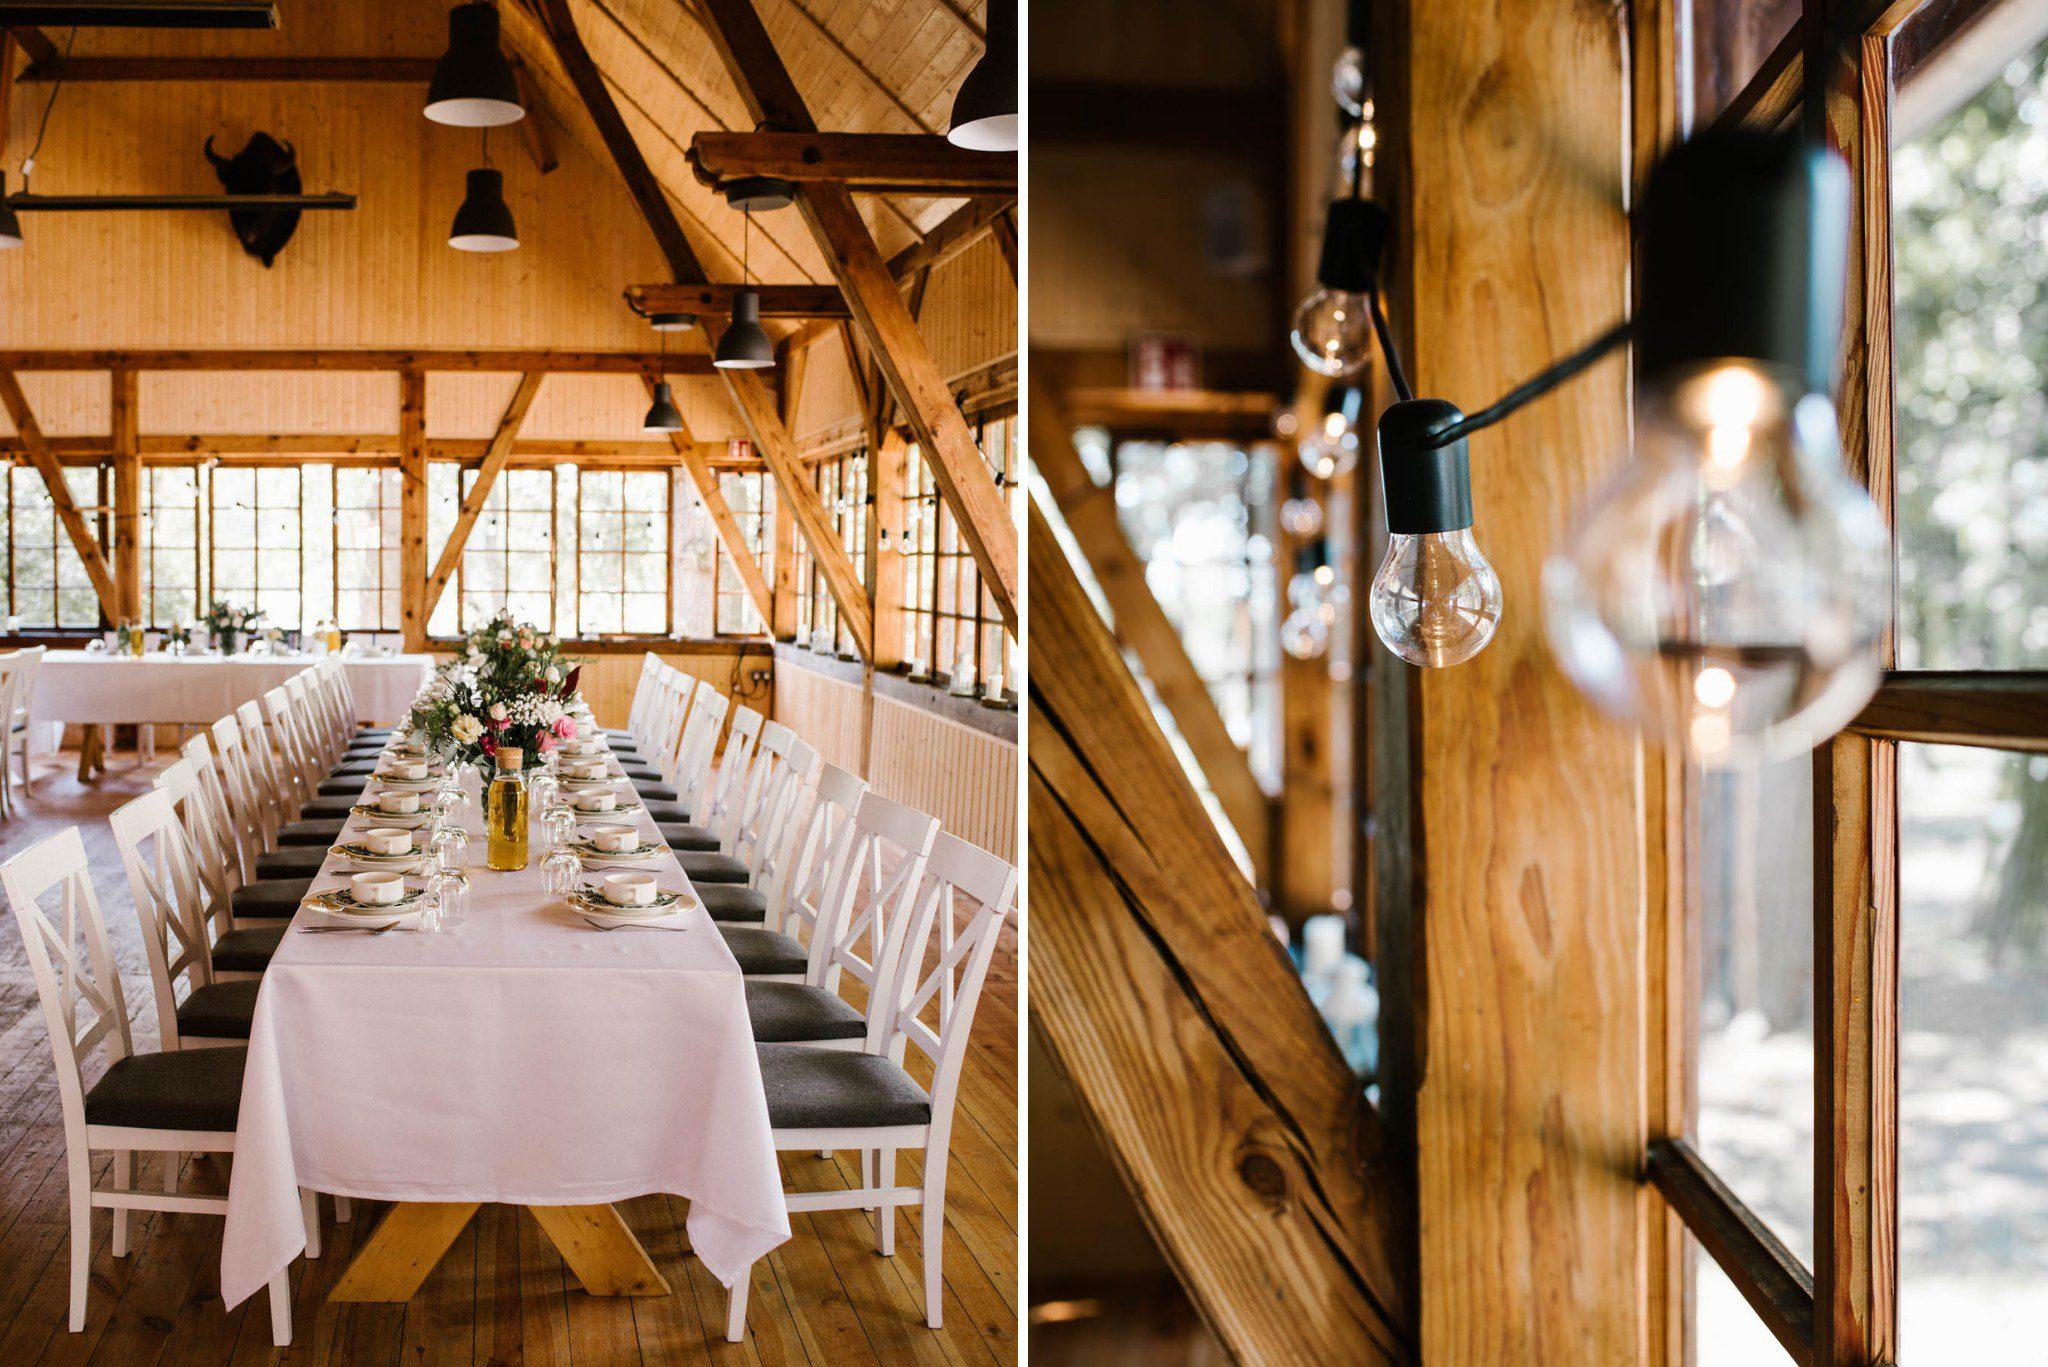 Udekorowany stół w stylu rustykalnym - sesja ślubna na Wyspie Św. Edwarda Zaniemyśl